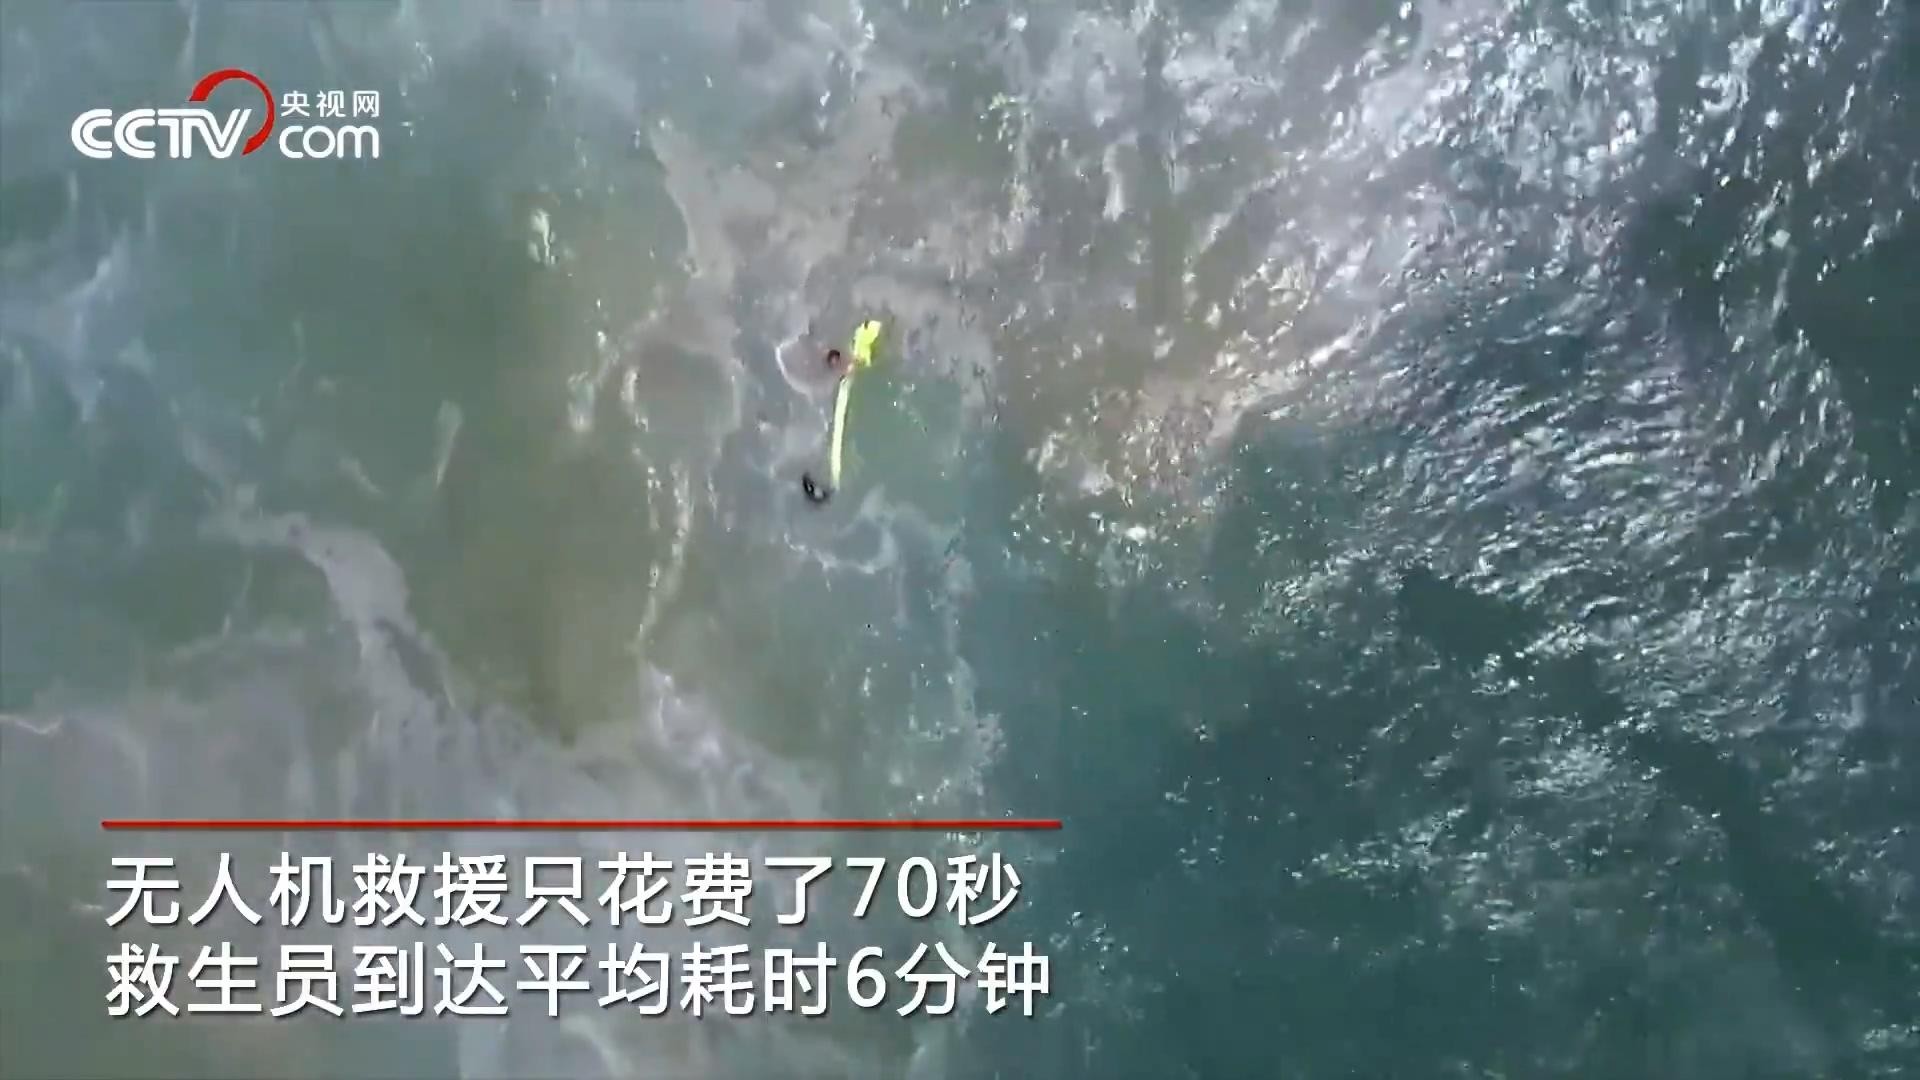 无人机70秒救助海中溺水者